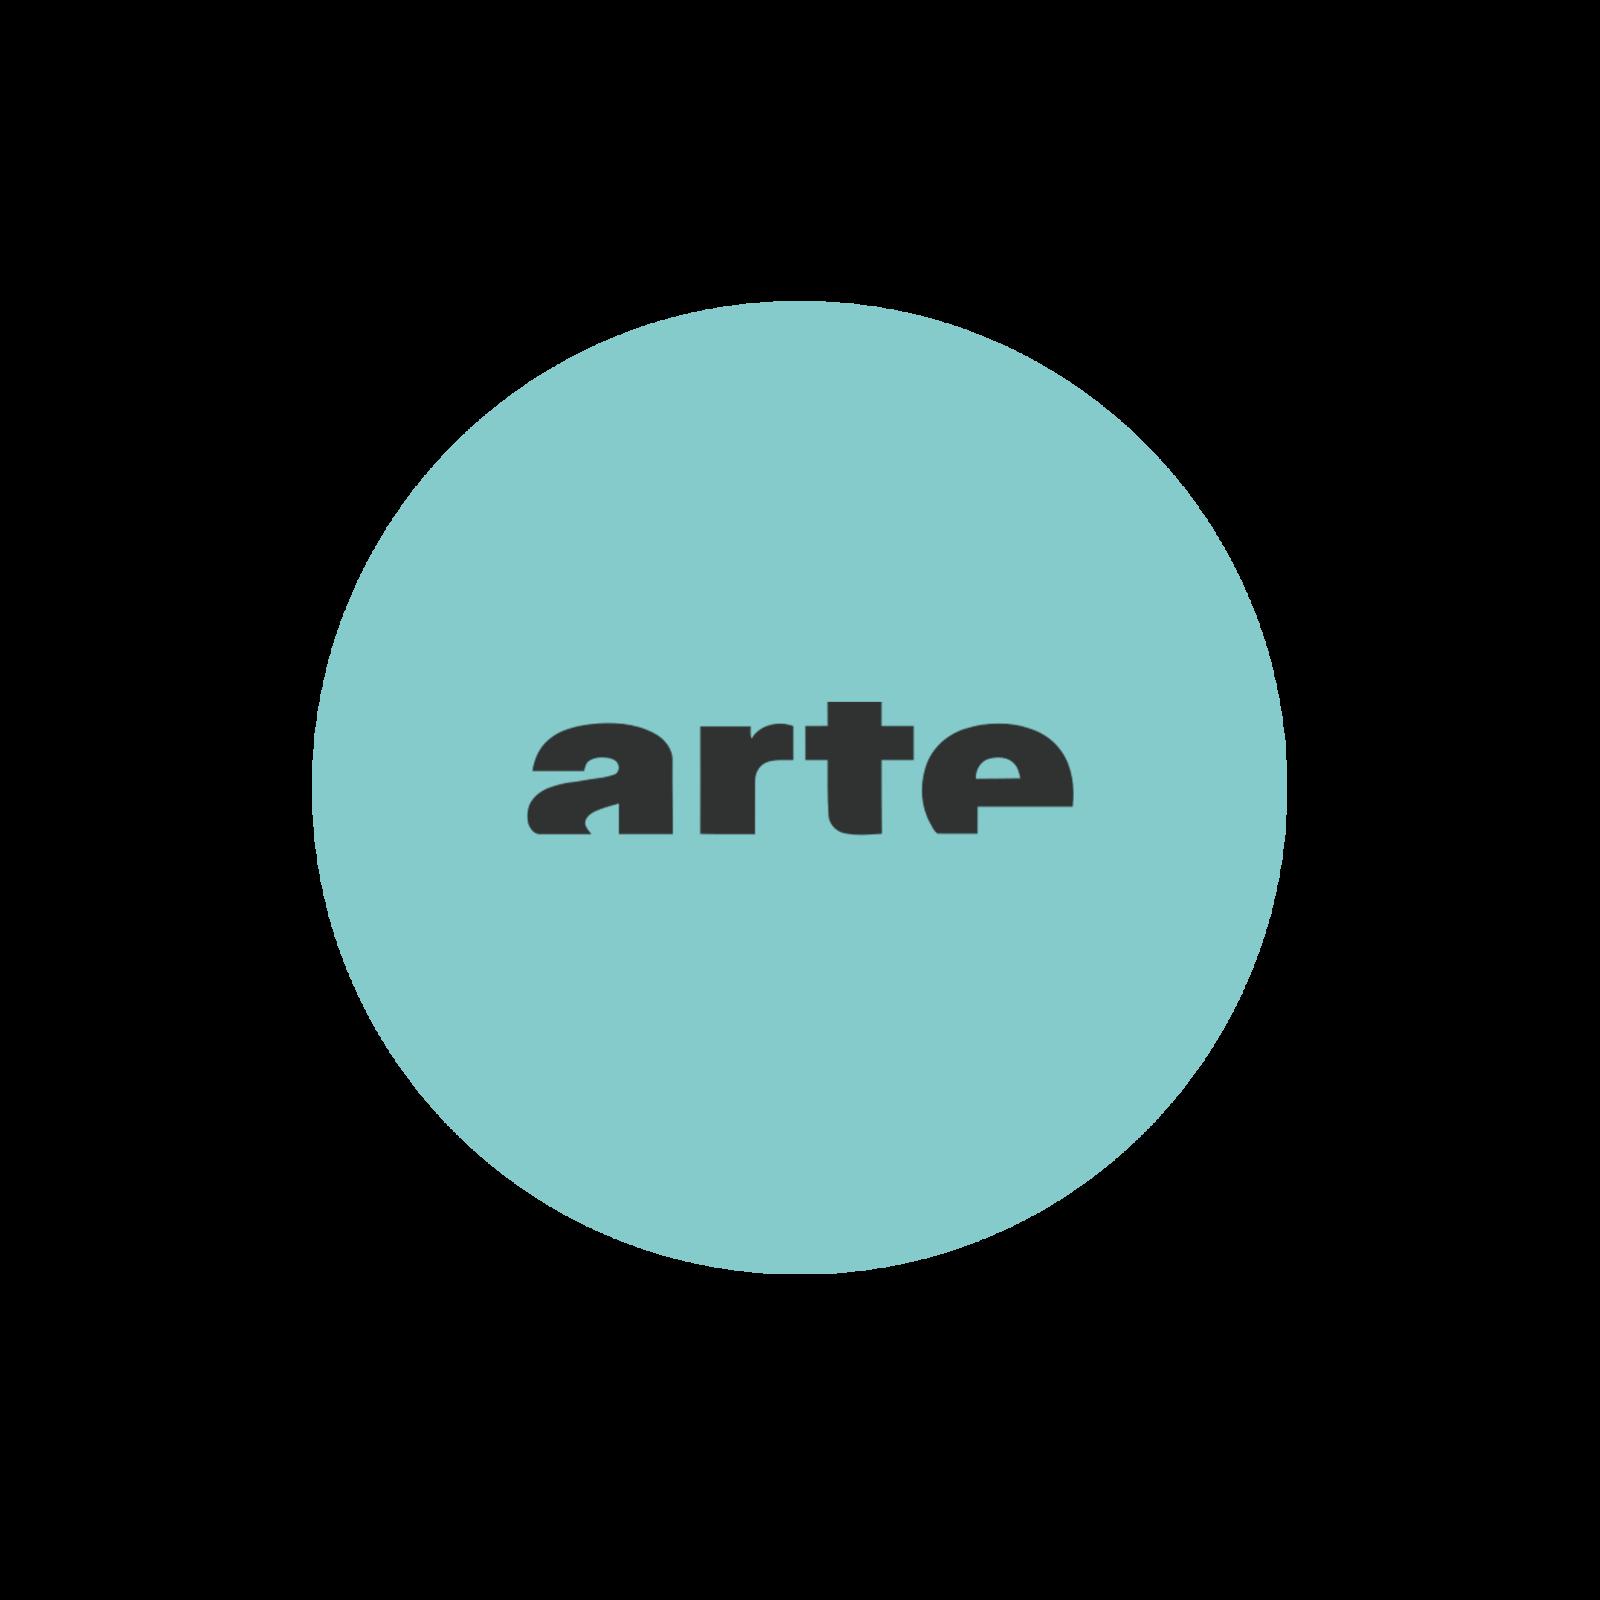 Un appel à candidatures est lancé pour la Présidence du directoire d'ARTE France.